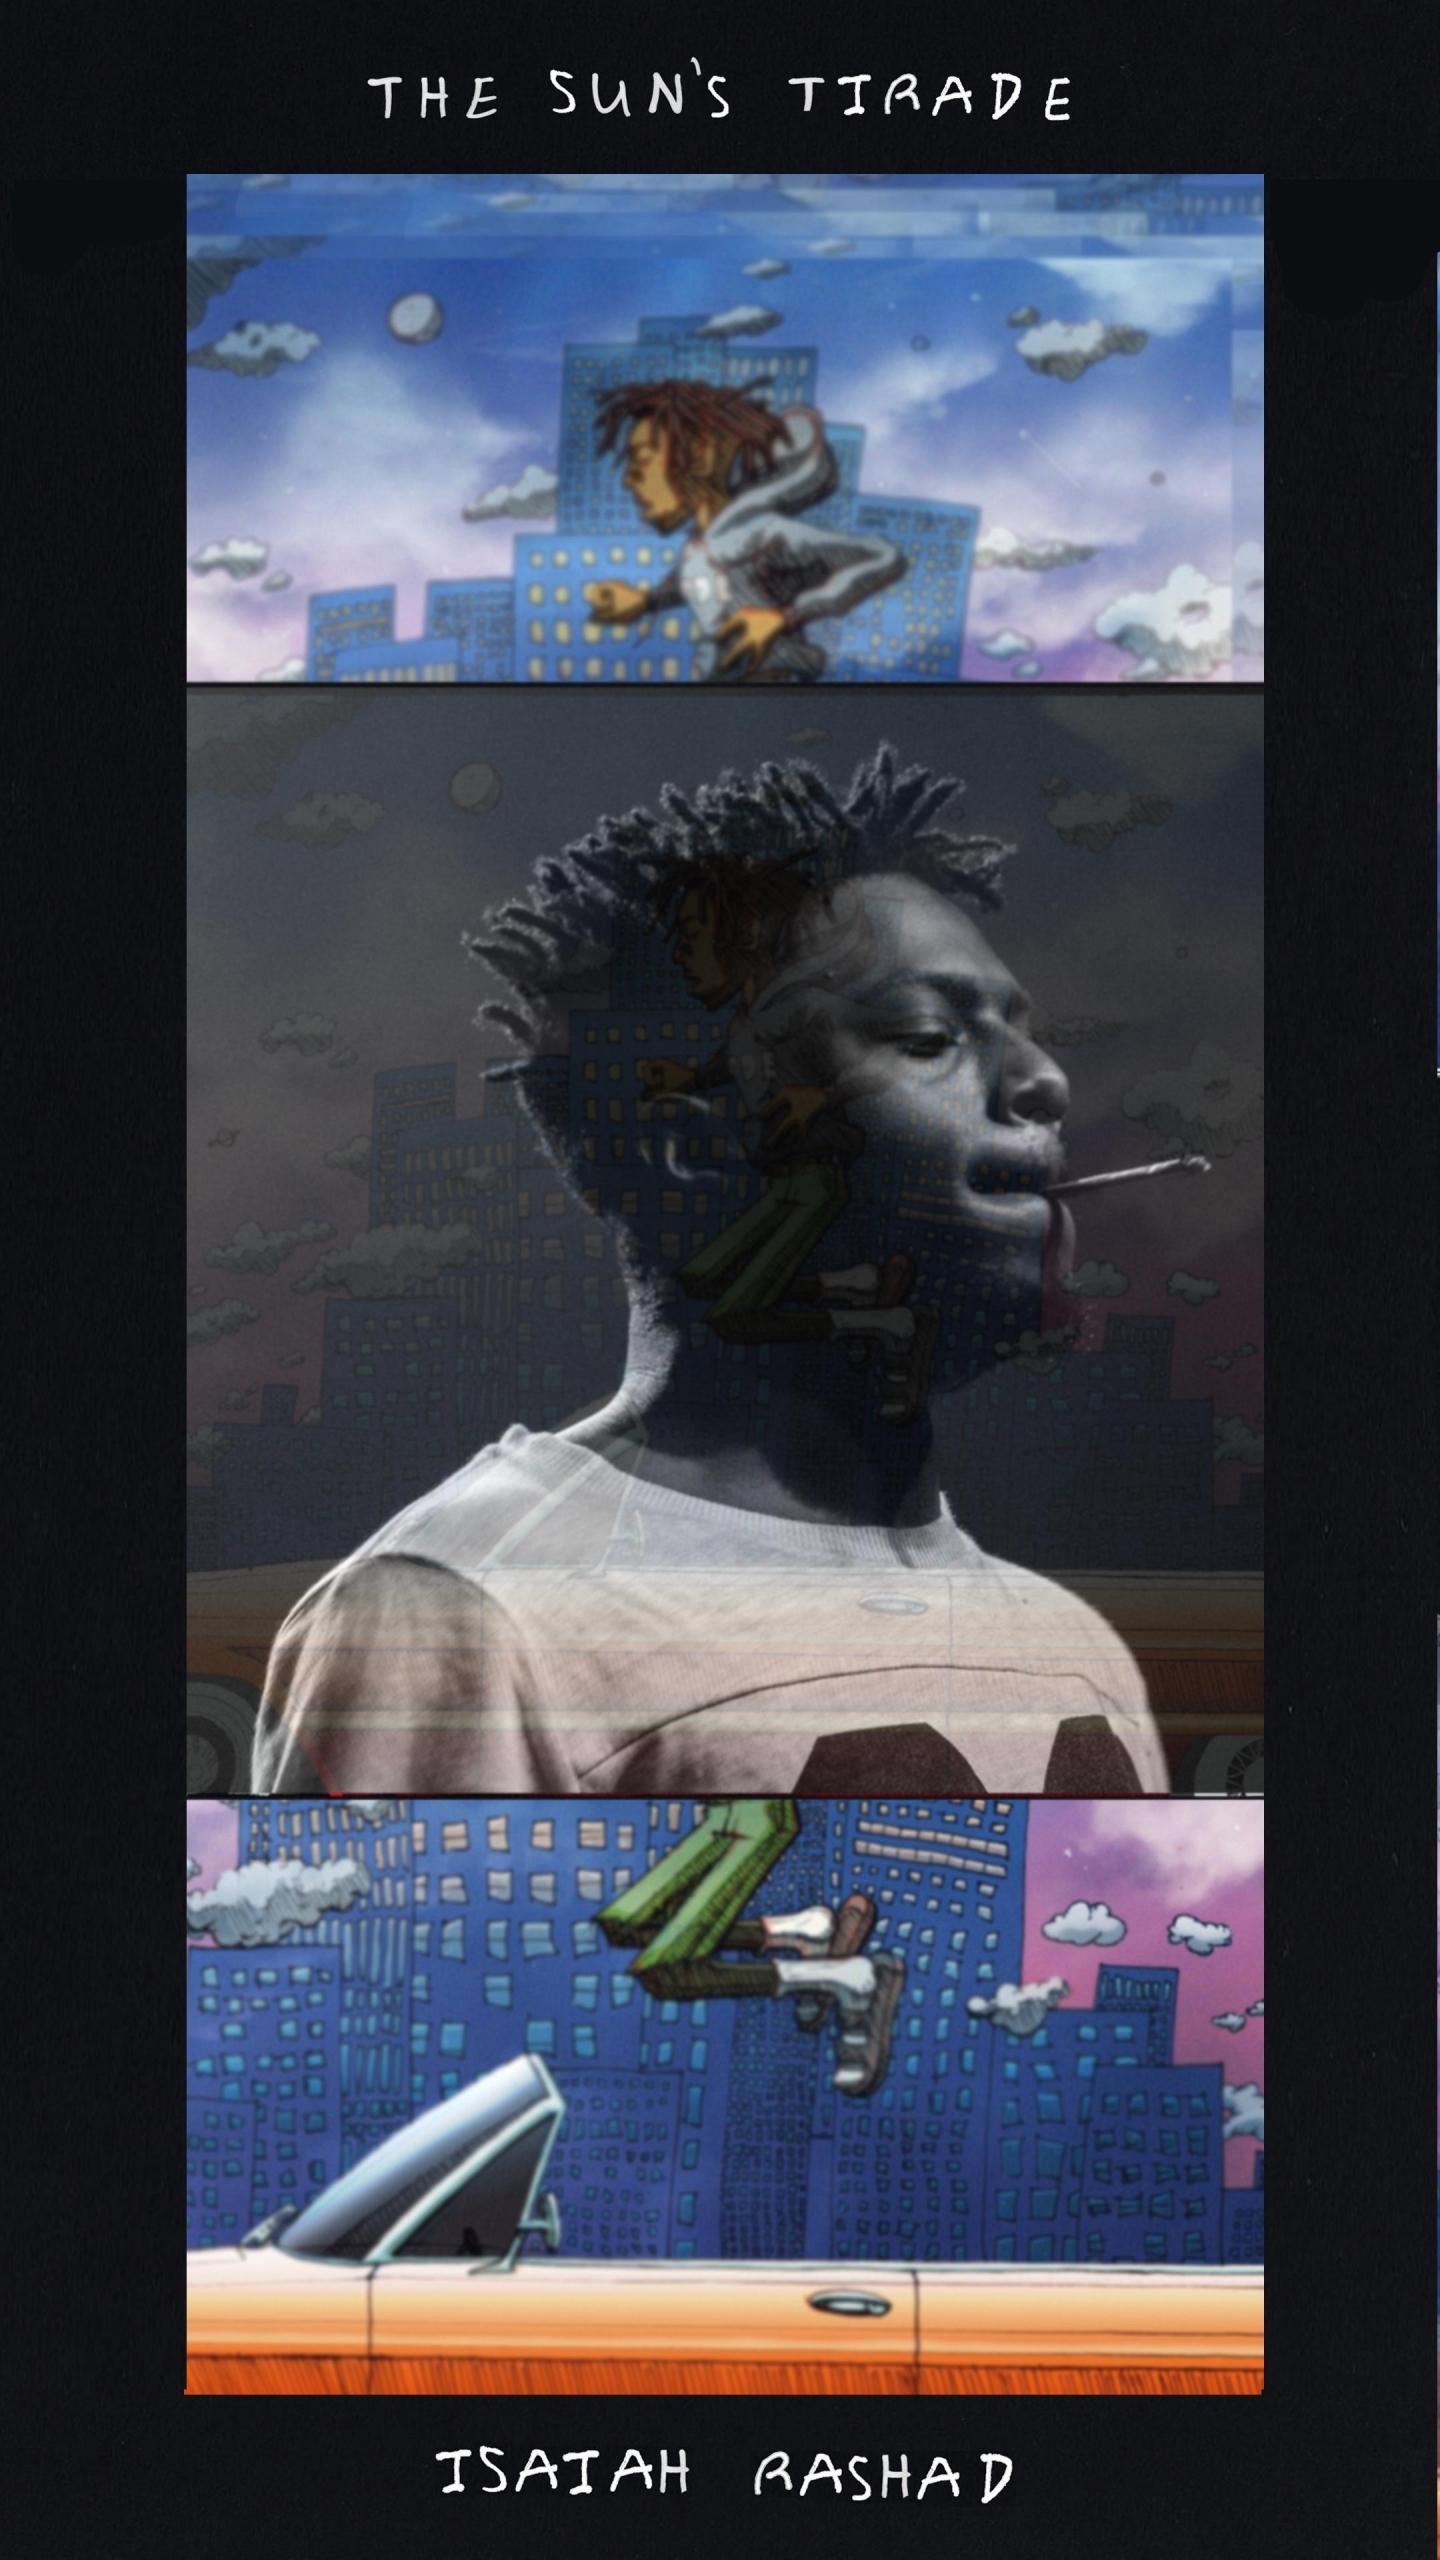 download Isaiah Rashad The Suns Tirade phone wallpaper 1440x2560